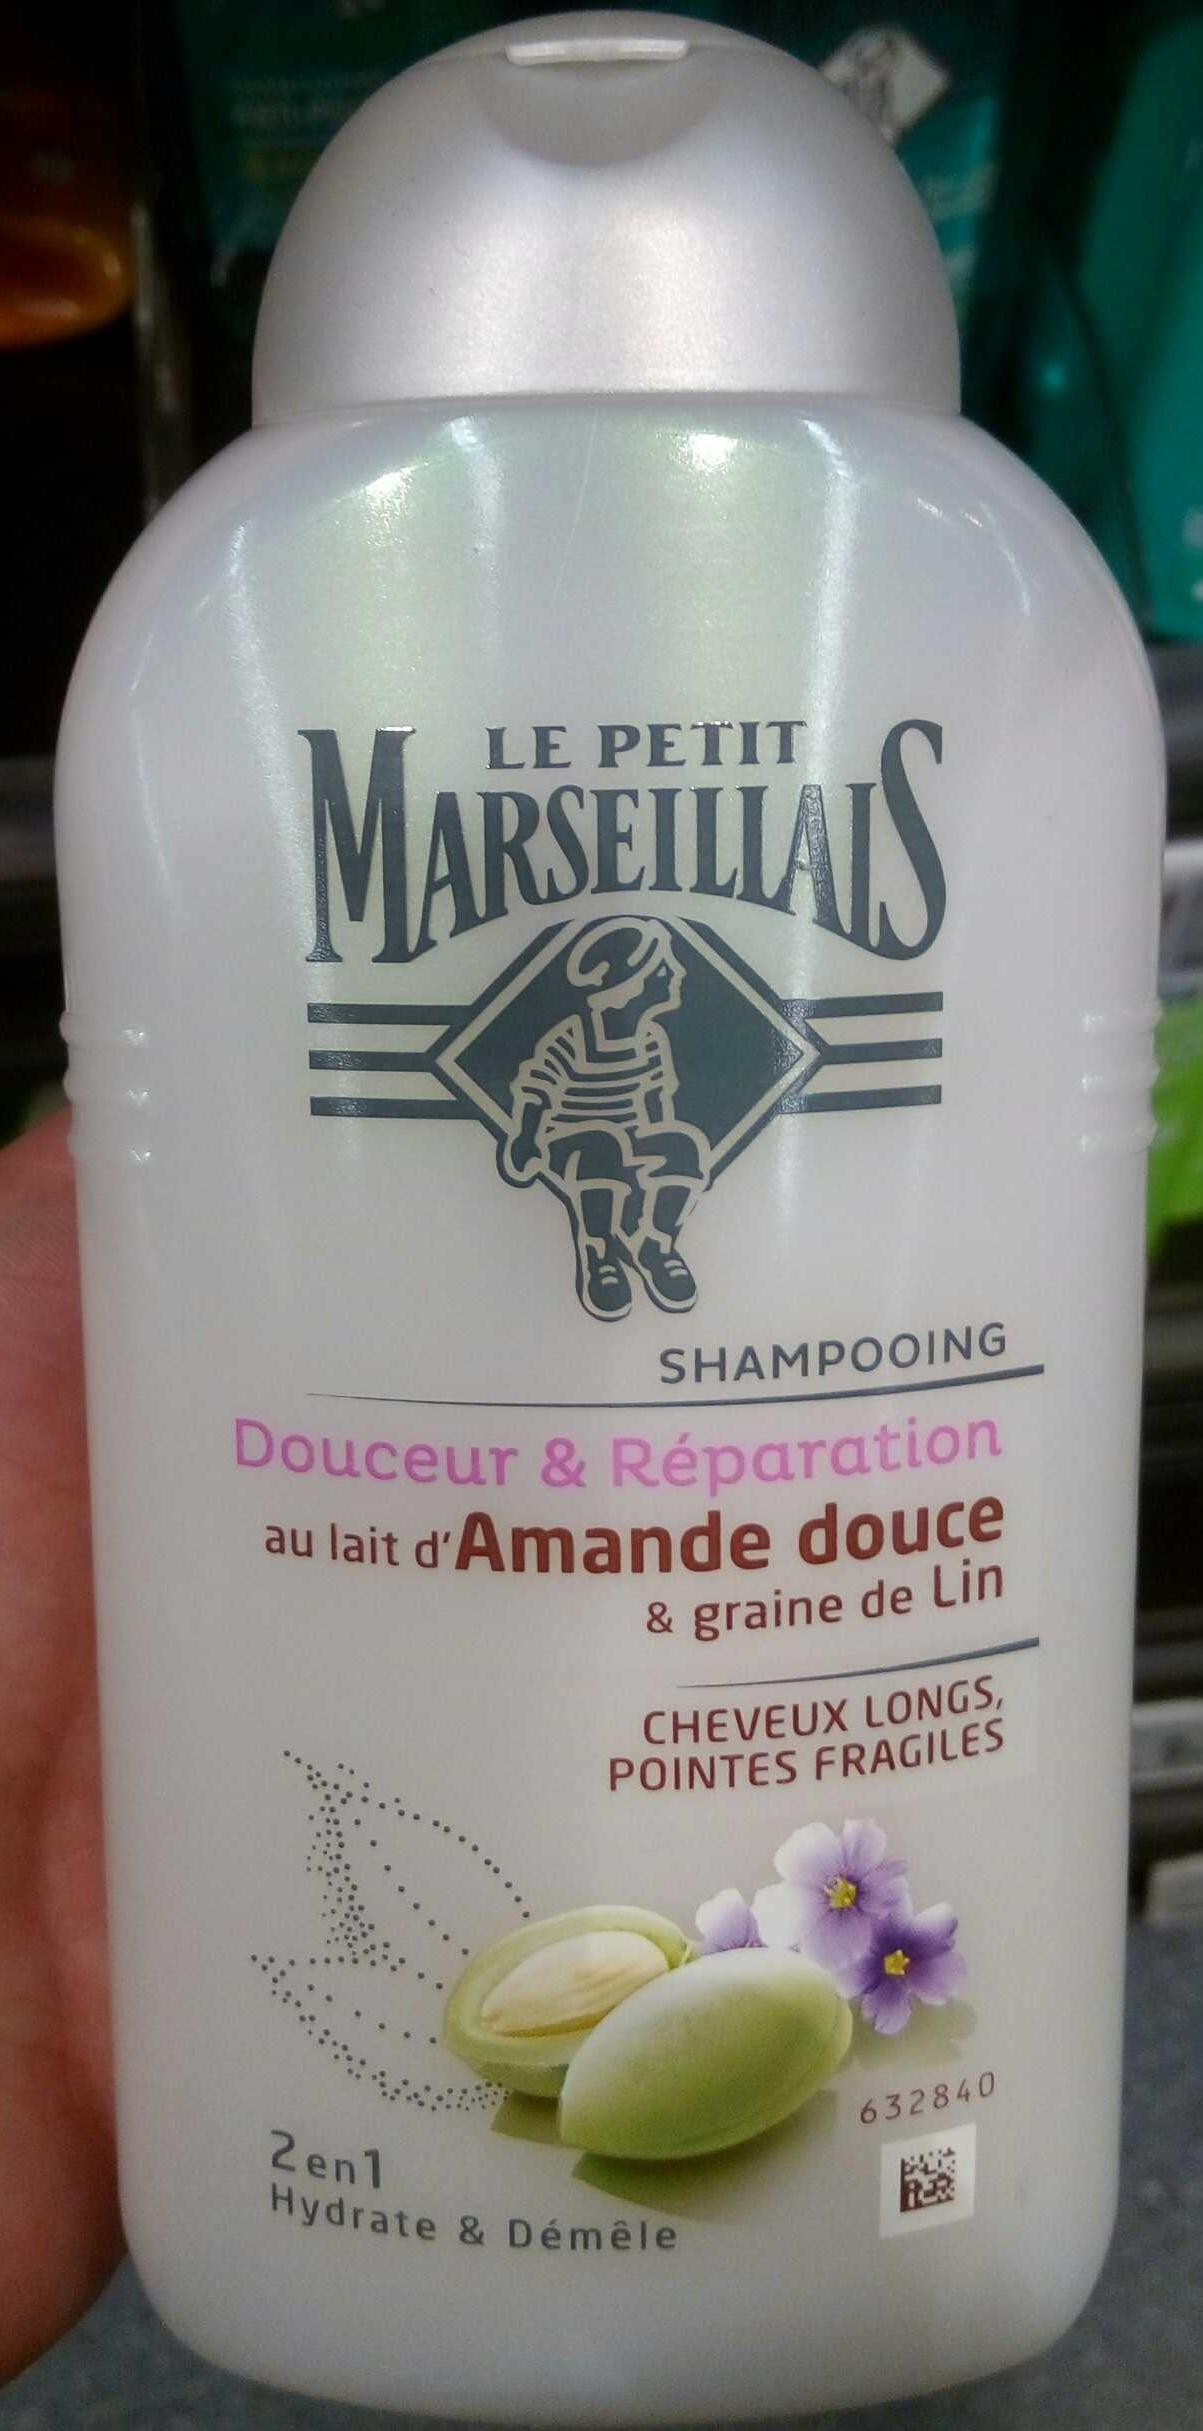 Shampooing Douceur & Réparation - Product - fr